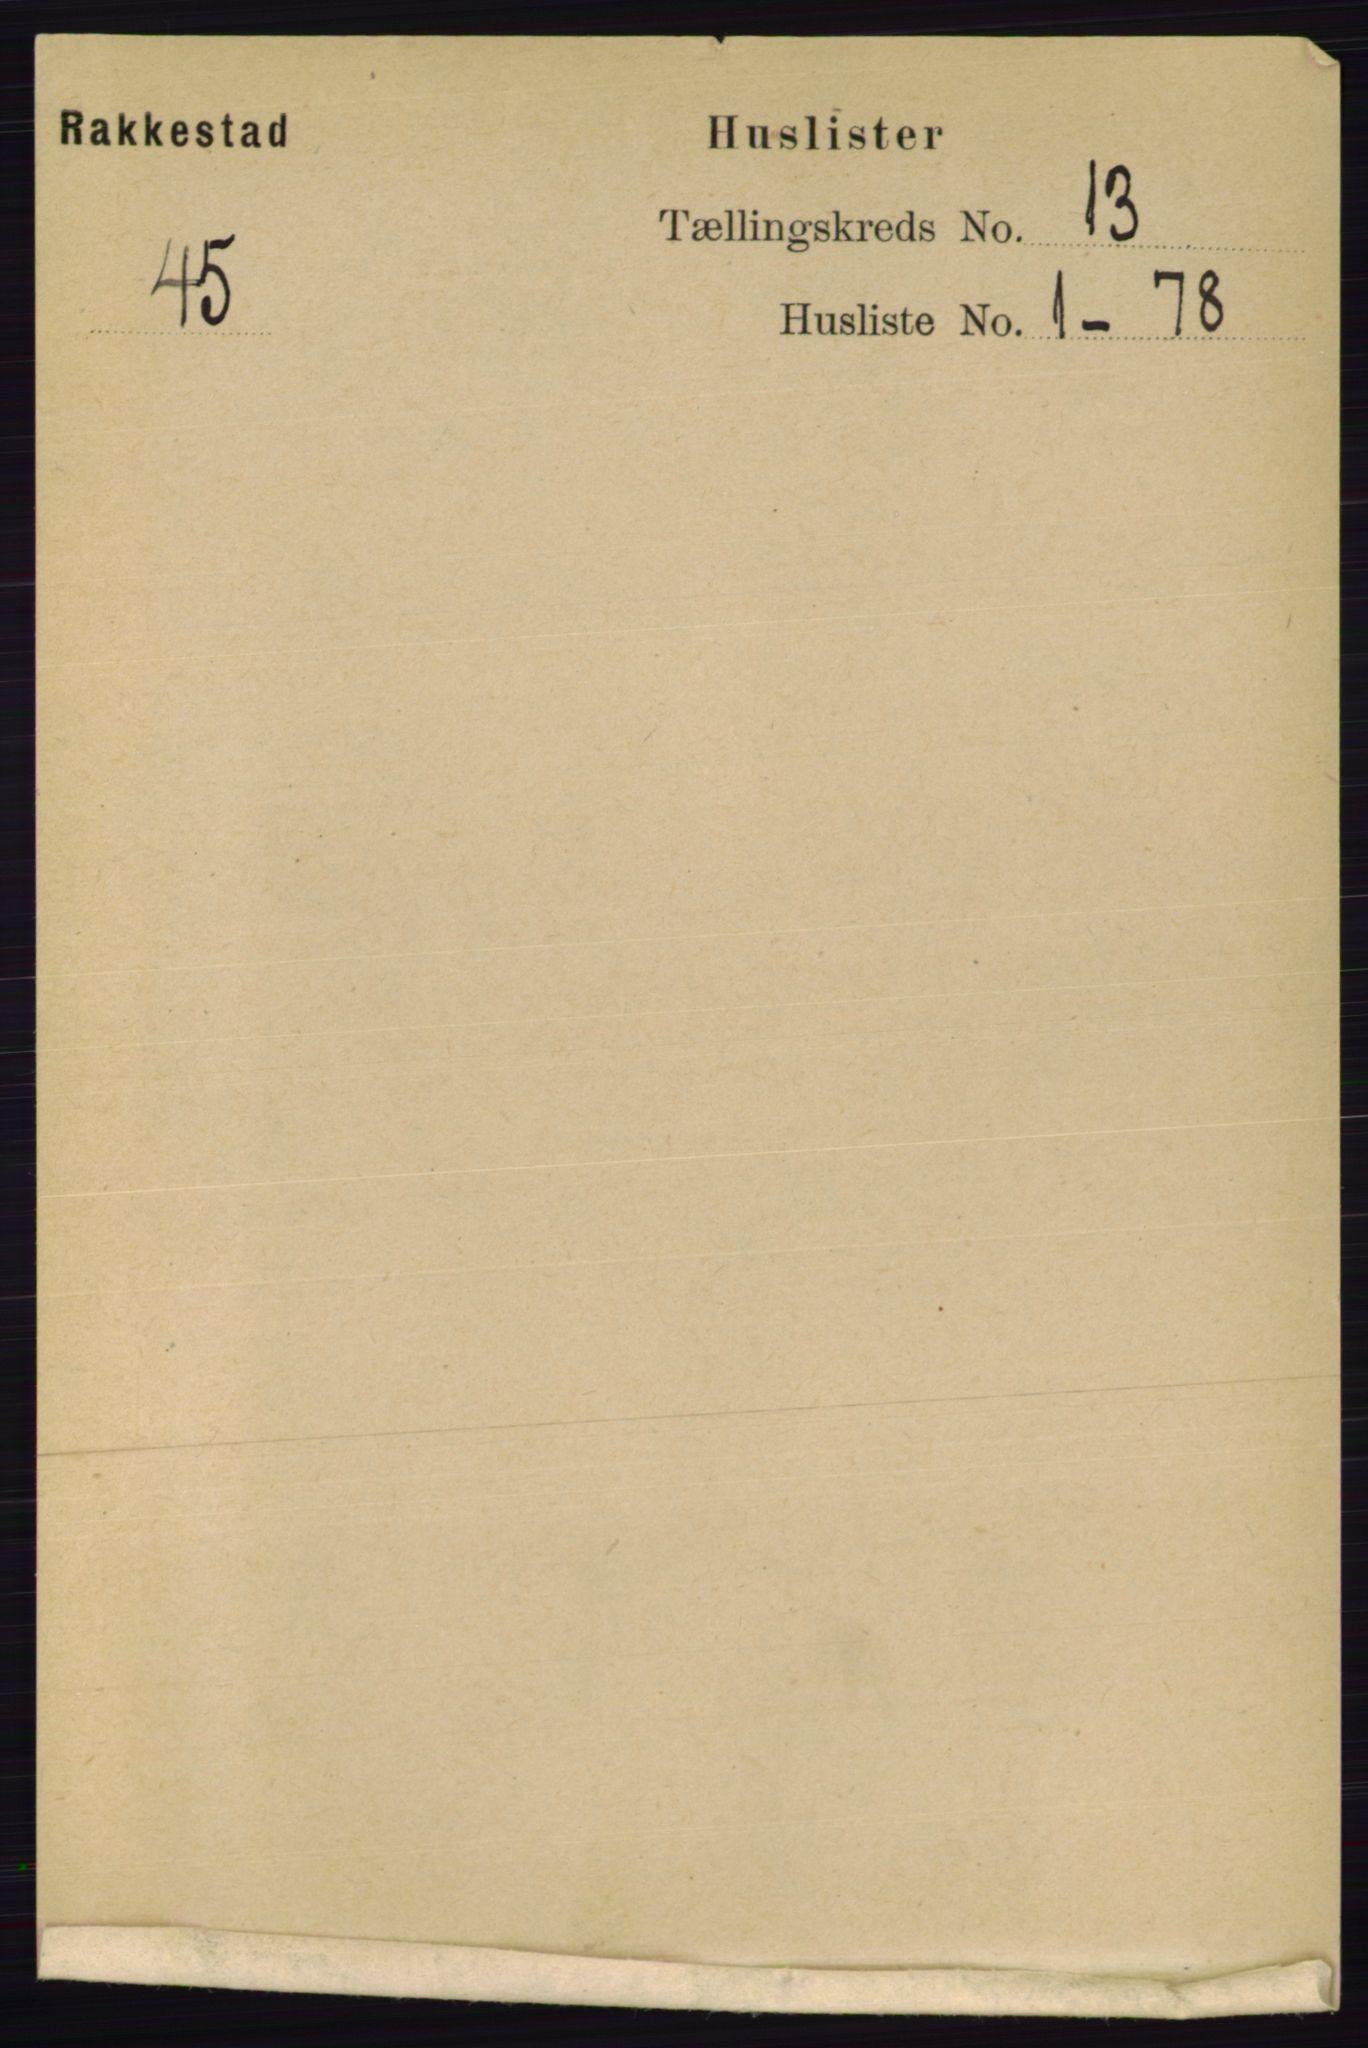 RA, Folketelling 1891 for 0128 Rakkestad herred, 1891, s. 6319